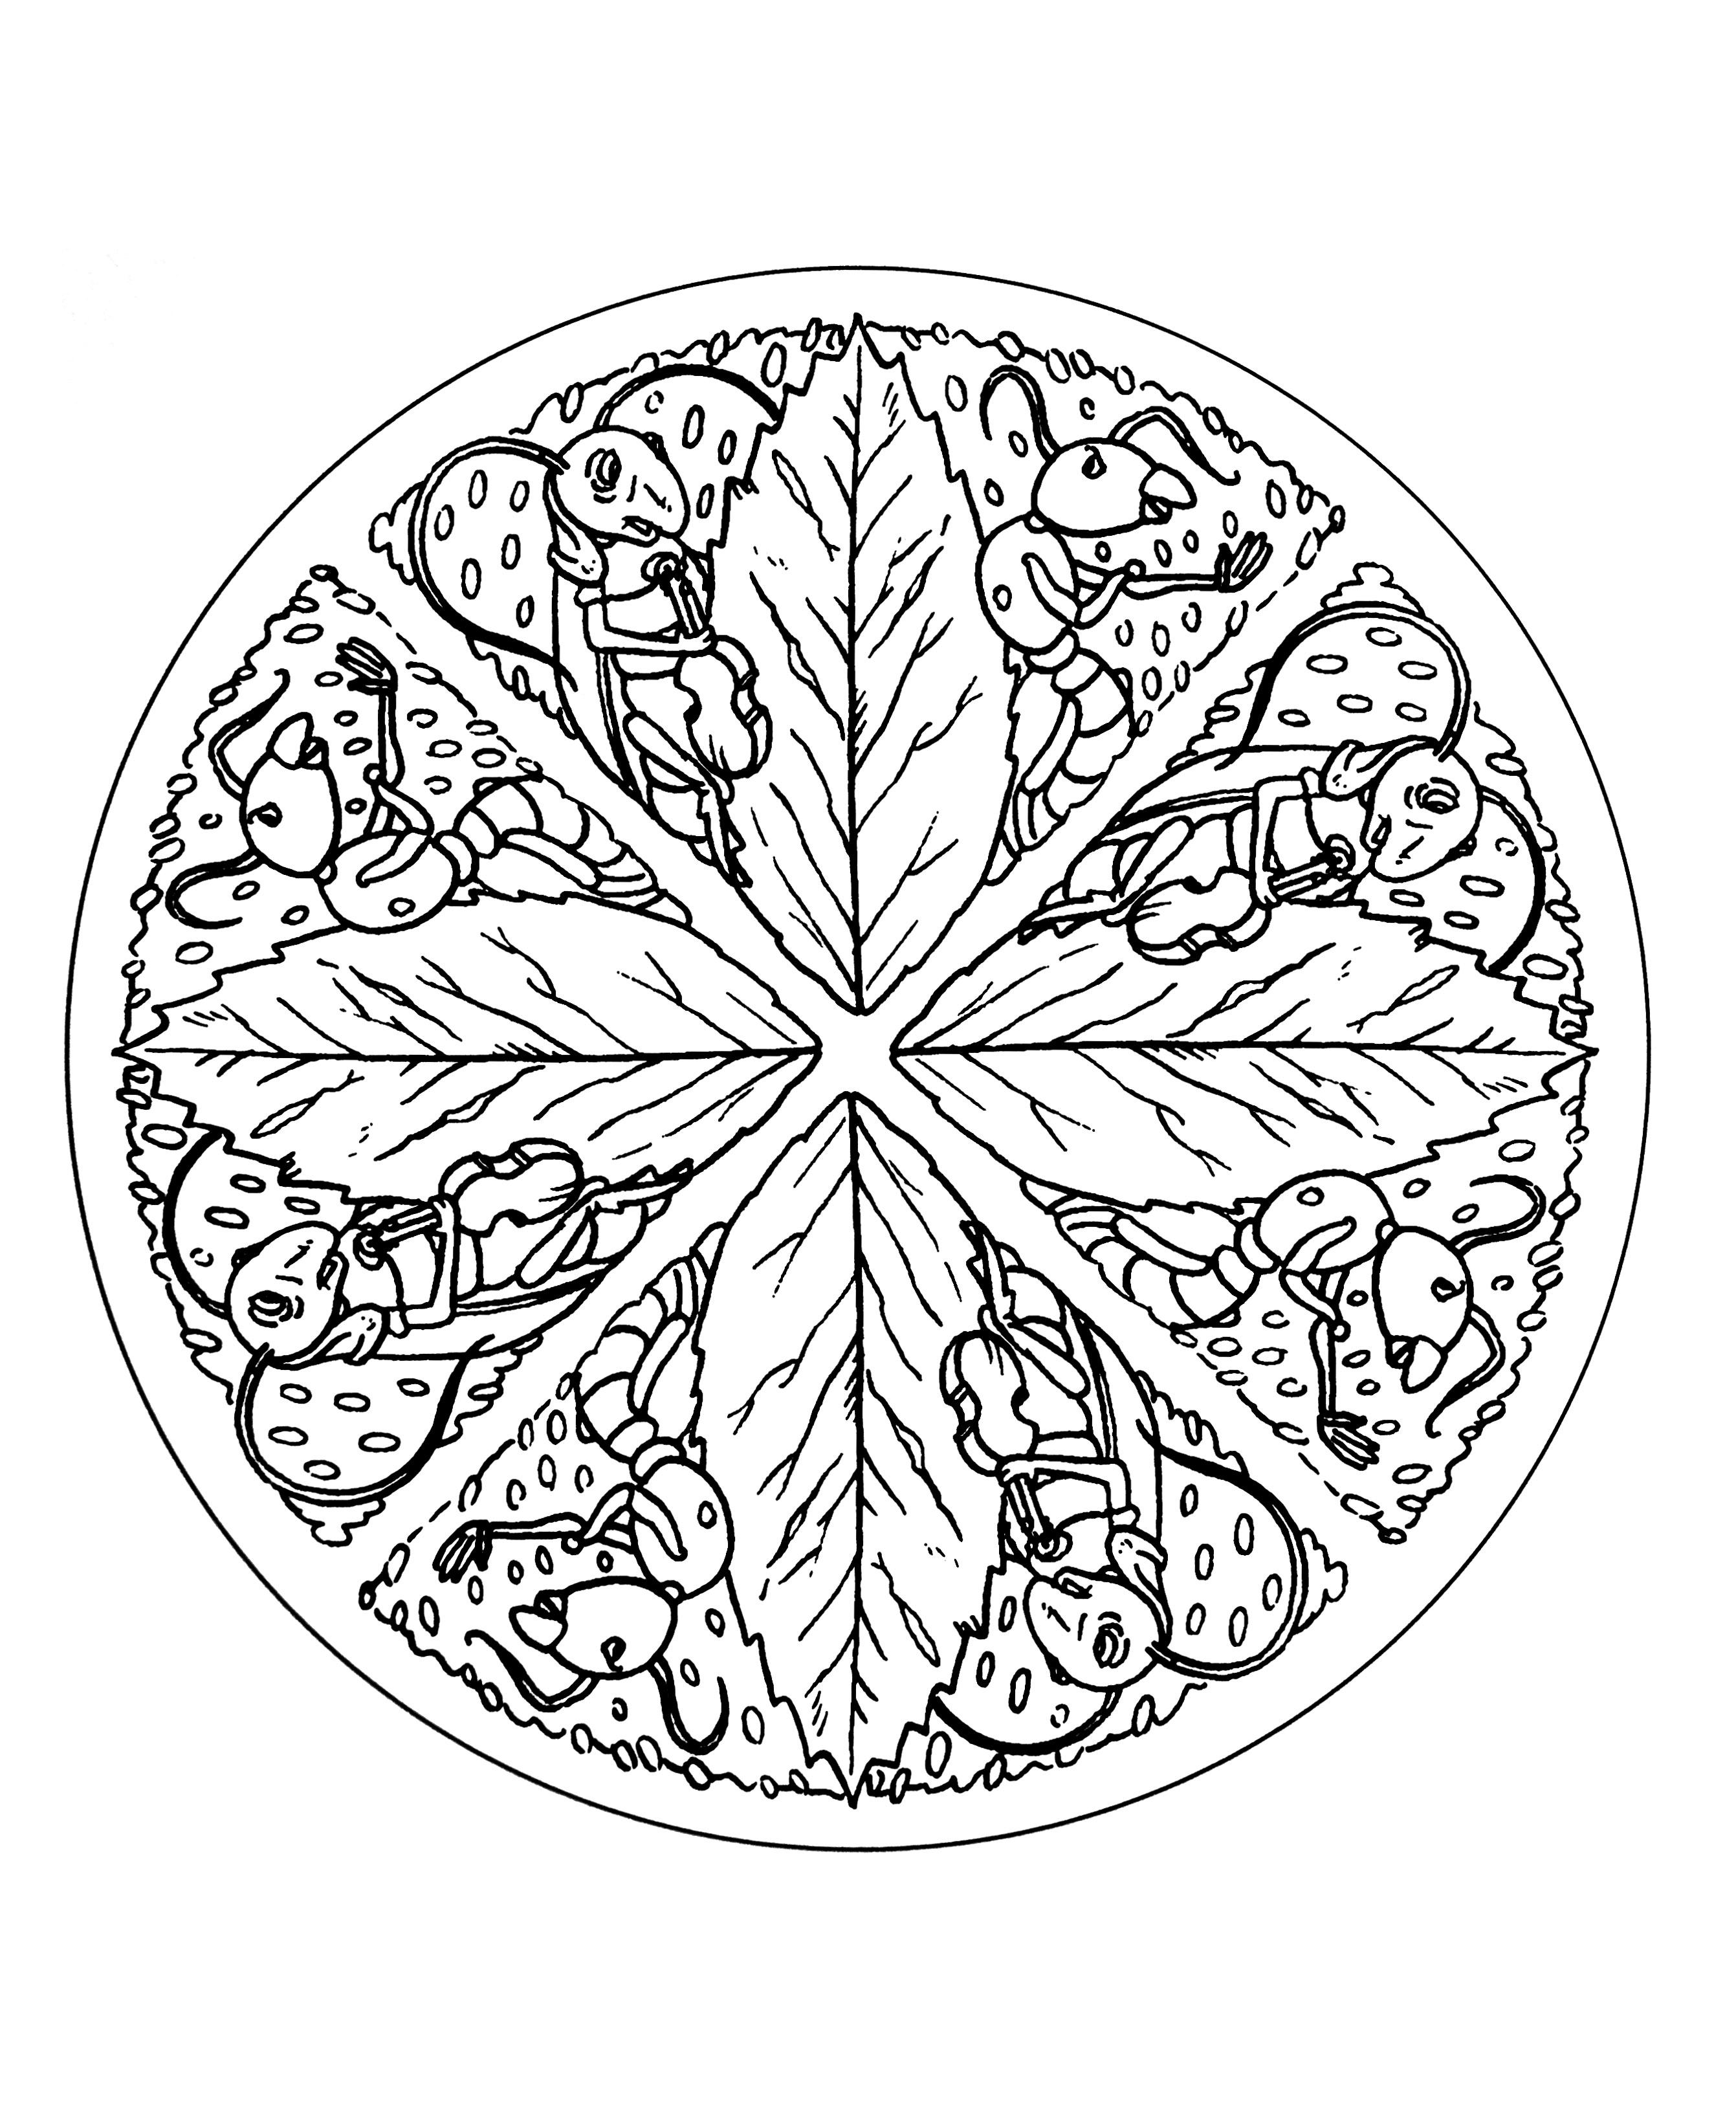 Mandala a colorier difficile 31 mandalas difficiles - Mandalas a colorier ...